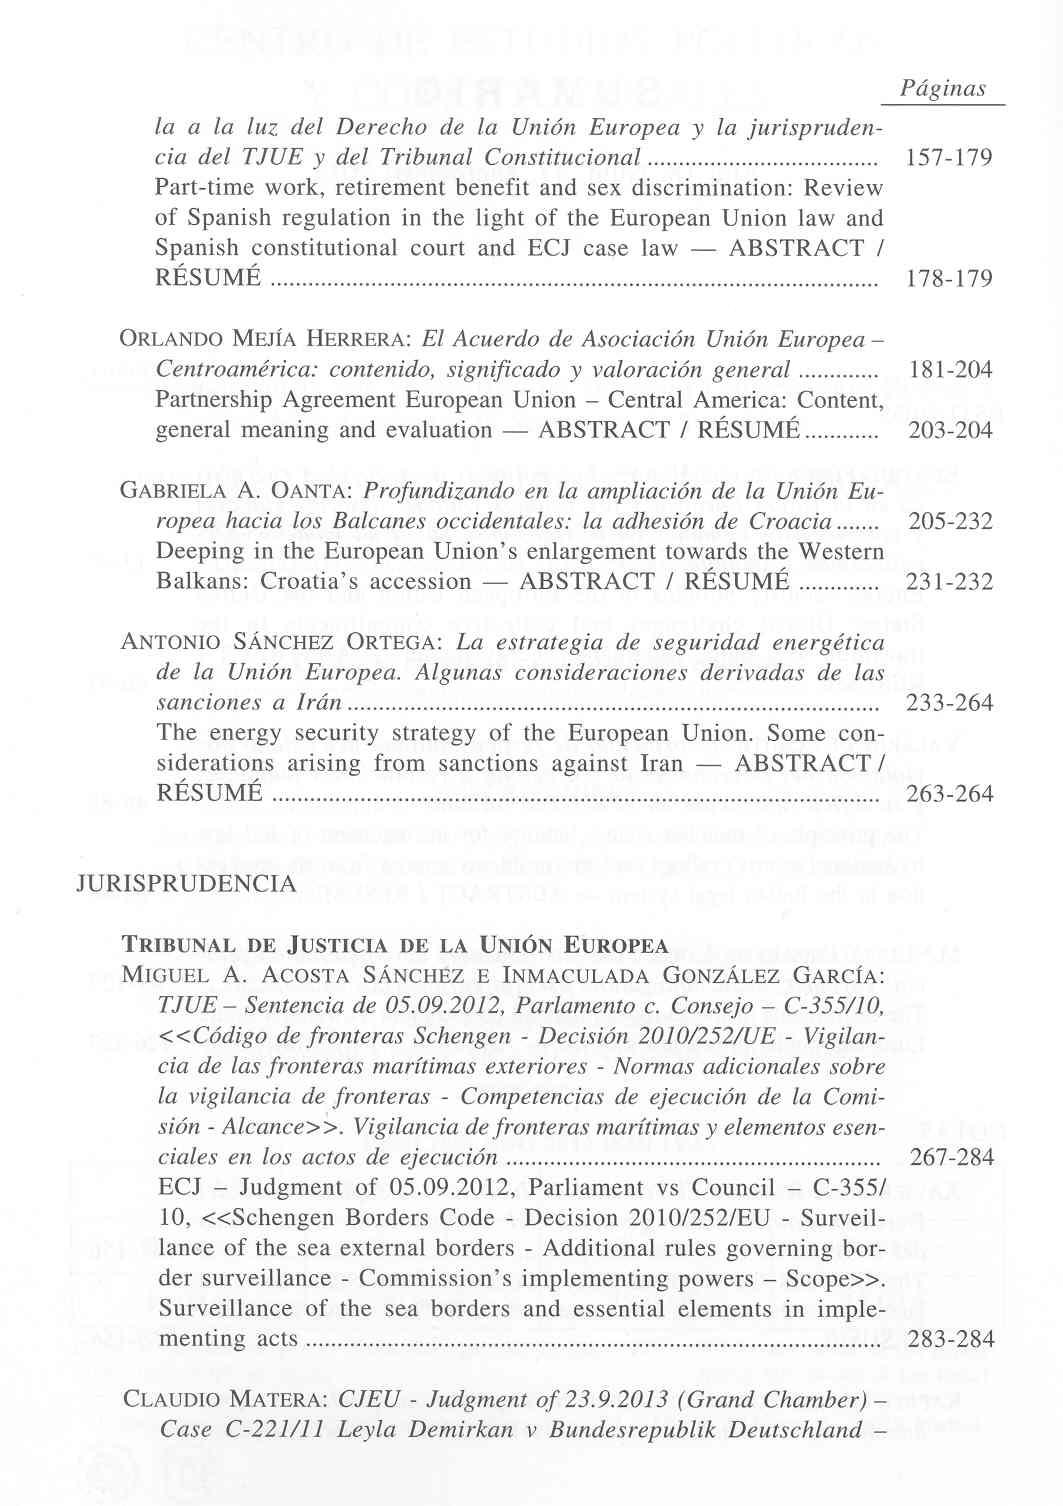 Revista de Derecho Comunitario Europeo 47, enero/abril 2014 ...